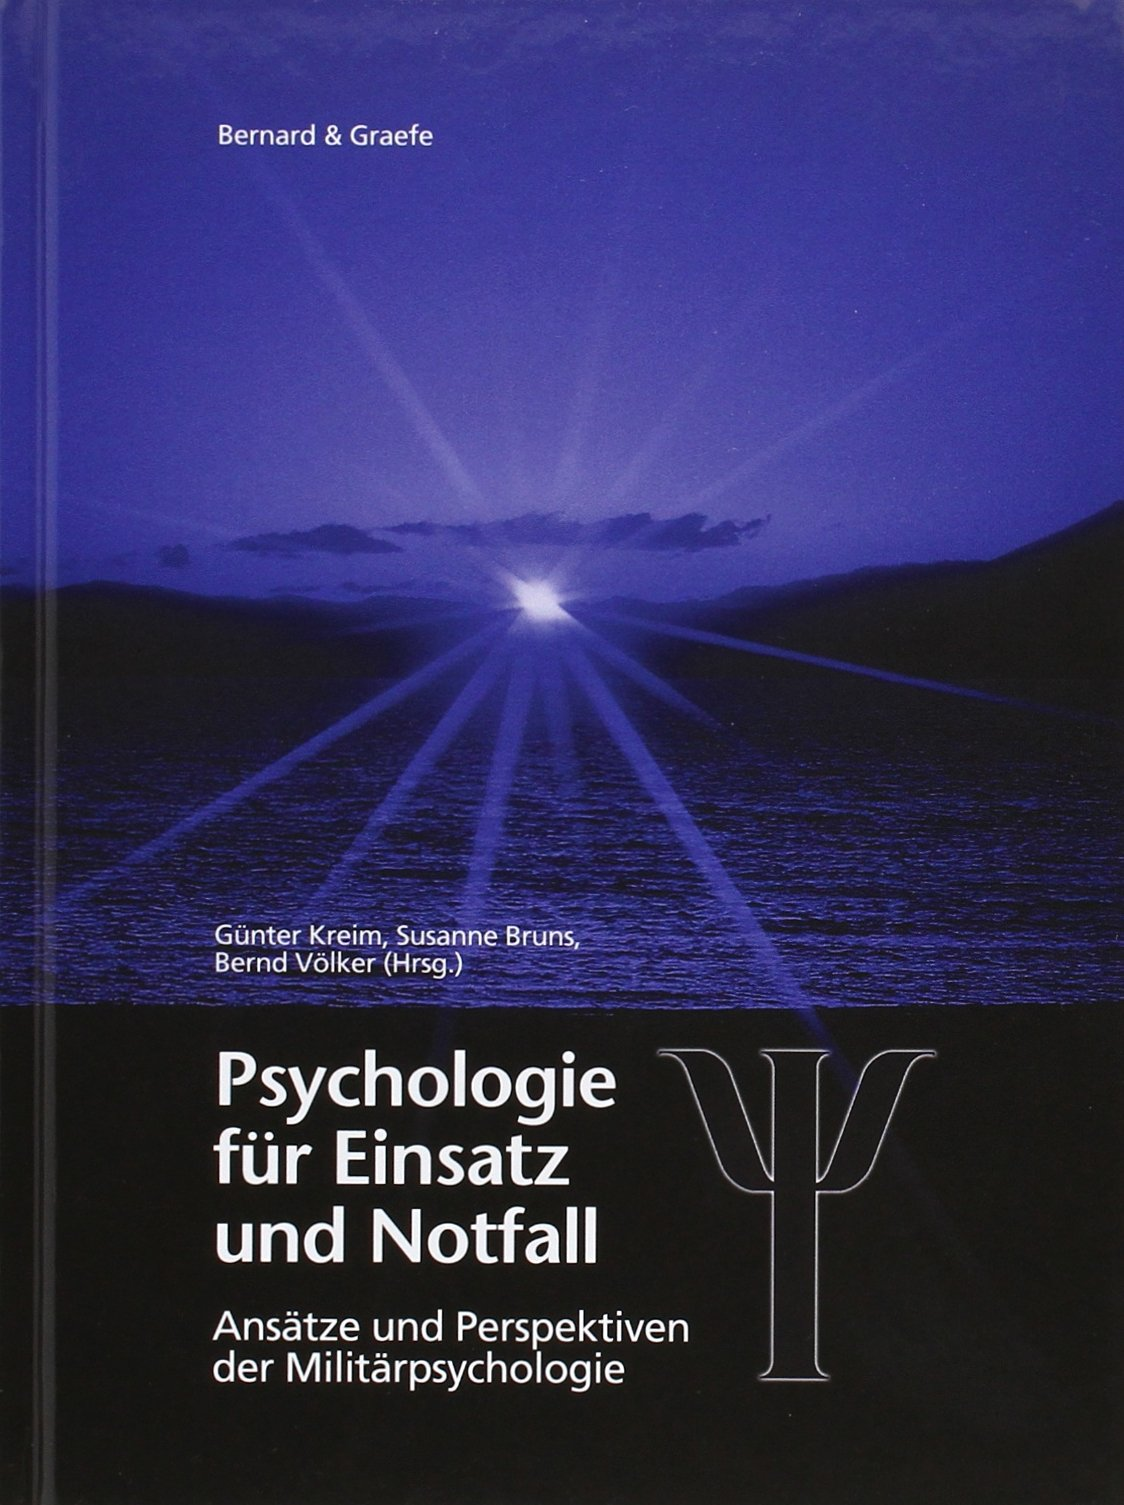 Psychologie für Einsatz und Notfall: Internationale truppenpsychologische Erfahrungen mit Auslandseinsätzen, Unglücksfällen, Katastrophen